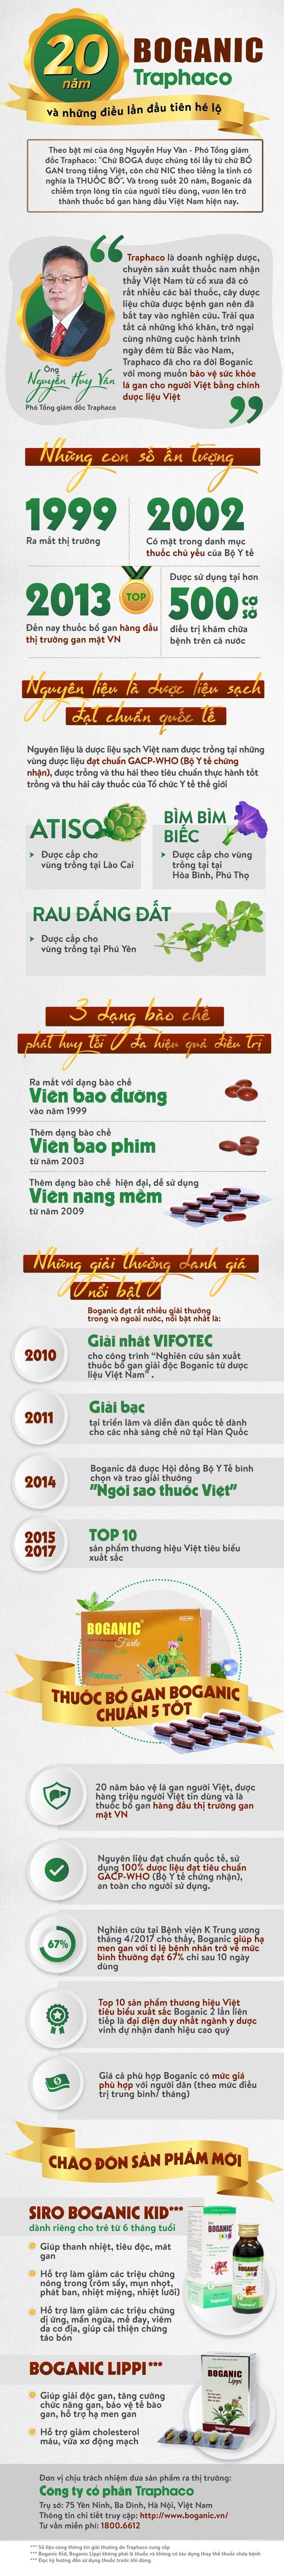 Boganic - Traphaco: Hành trình 20 năm đồng hành cùng sức khỏe người Việt và những điều lần đầu hé lộ - 1